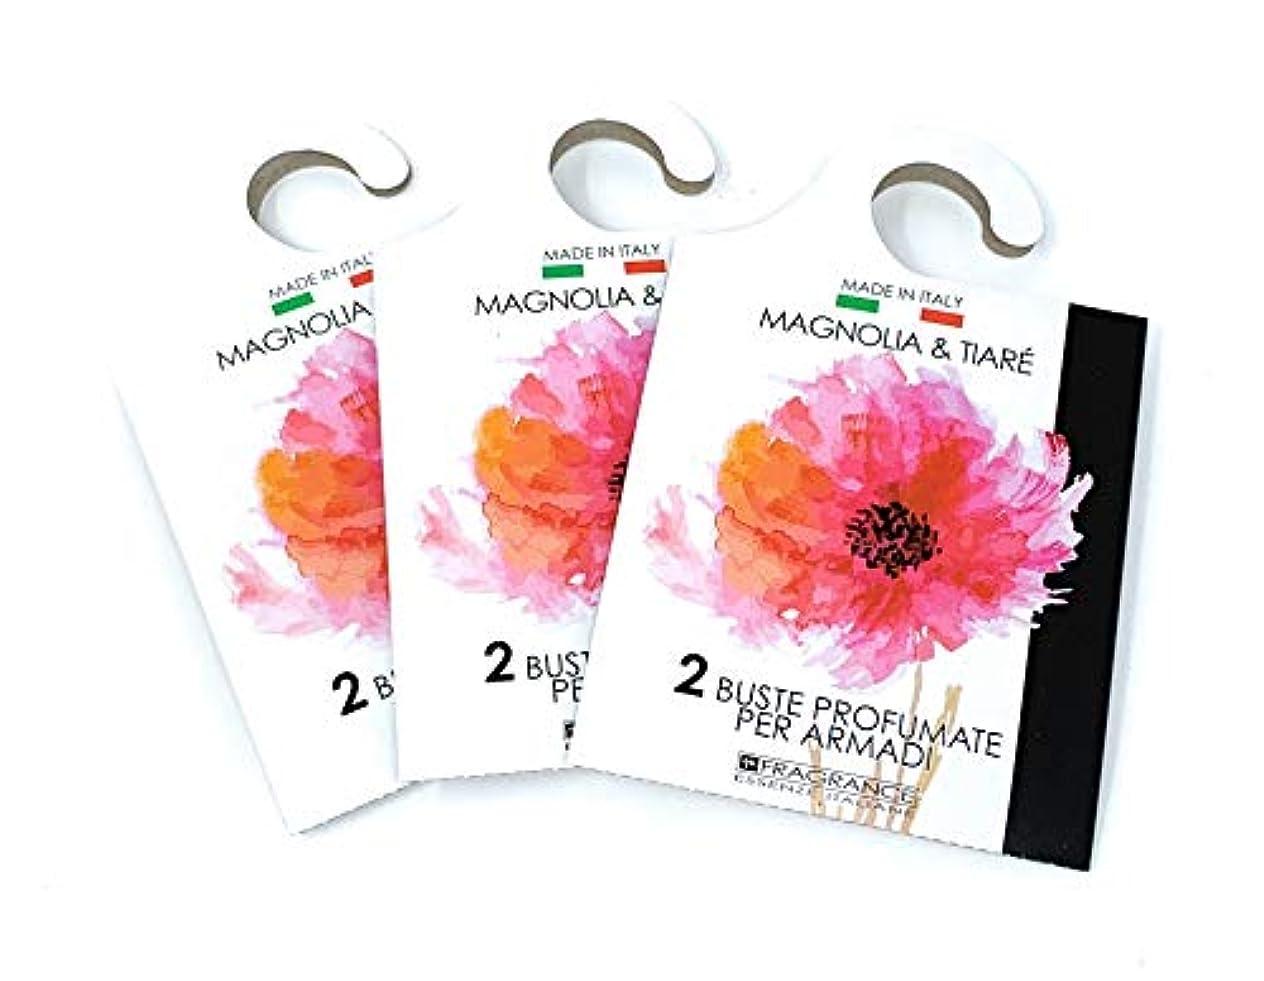 MERCURY ITALY 吊り下げるサシェ(香り袋) ACQUARELLO マグノリア&ティアレの香り/MAGNOLIA & TIARE 2枚入り×3パック [並行輸入品]